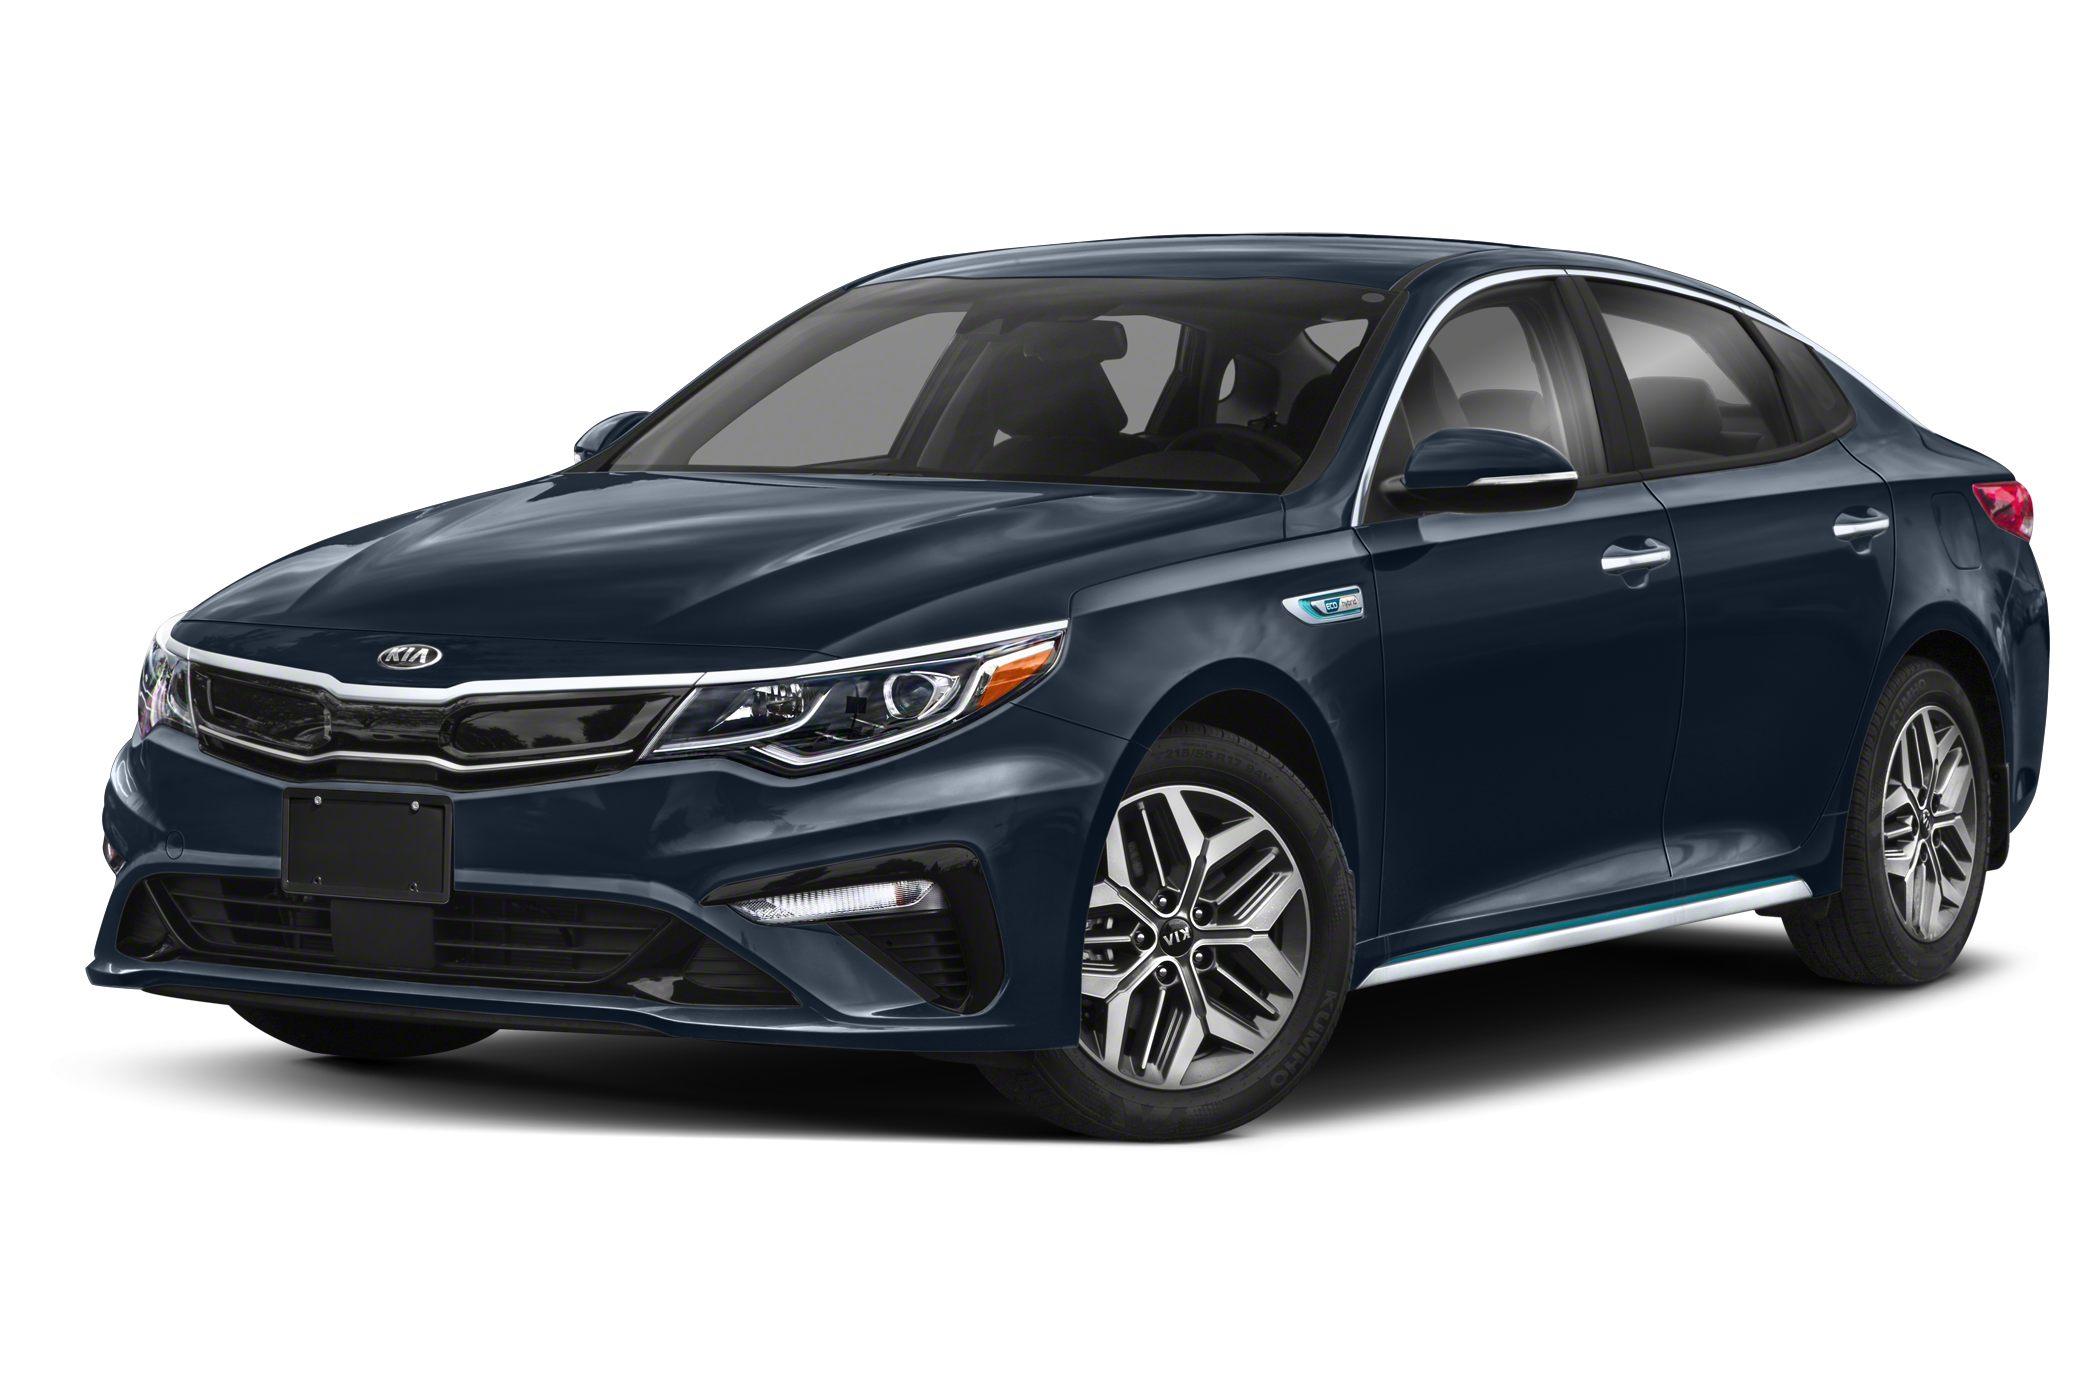 2020 Kia Optima Hybrid Pictures